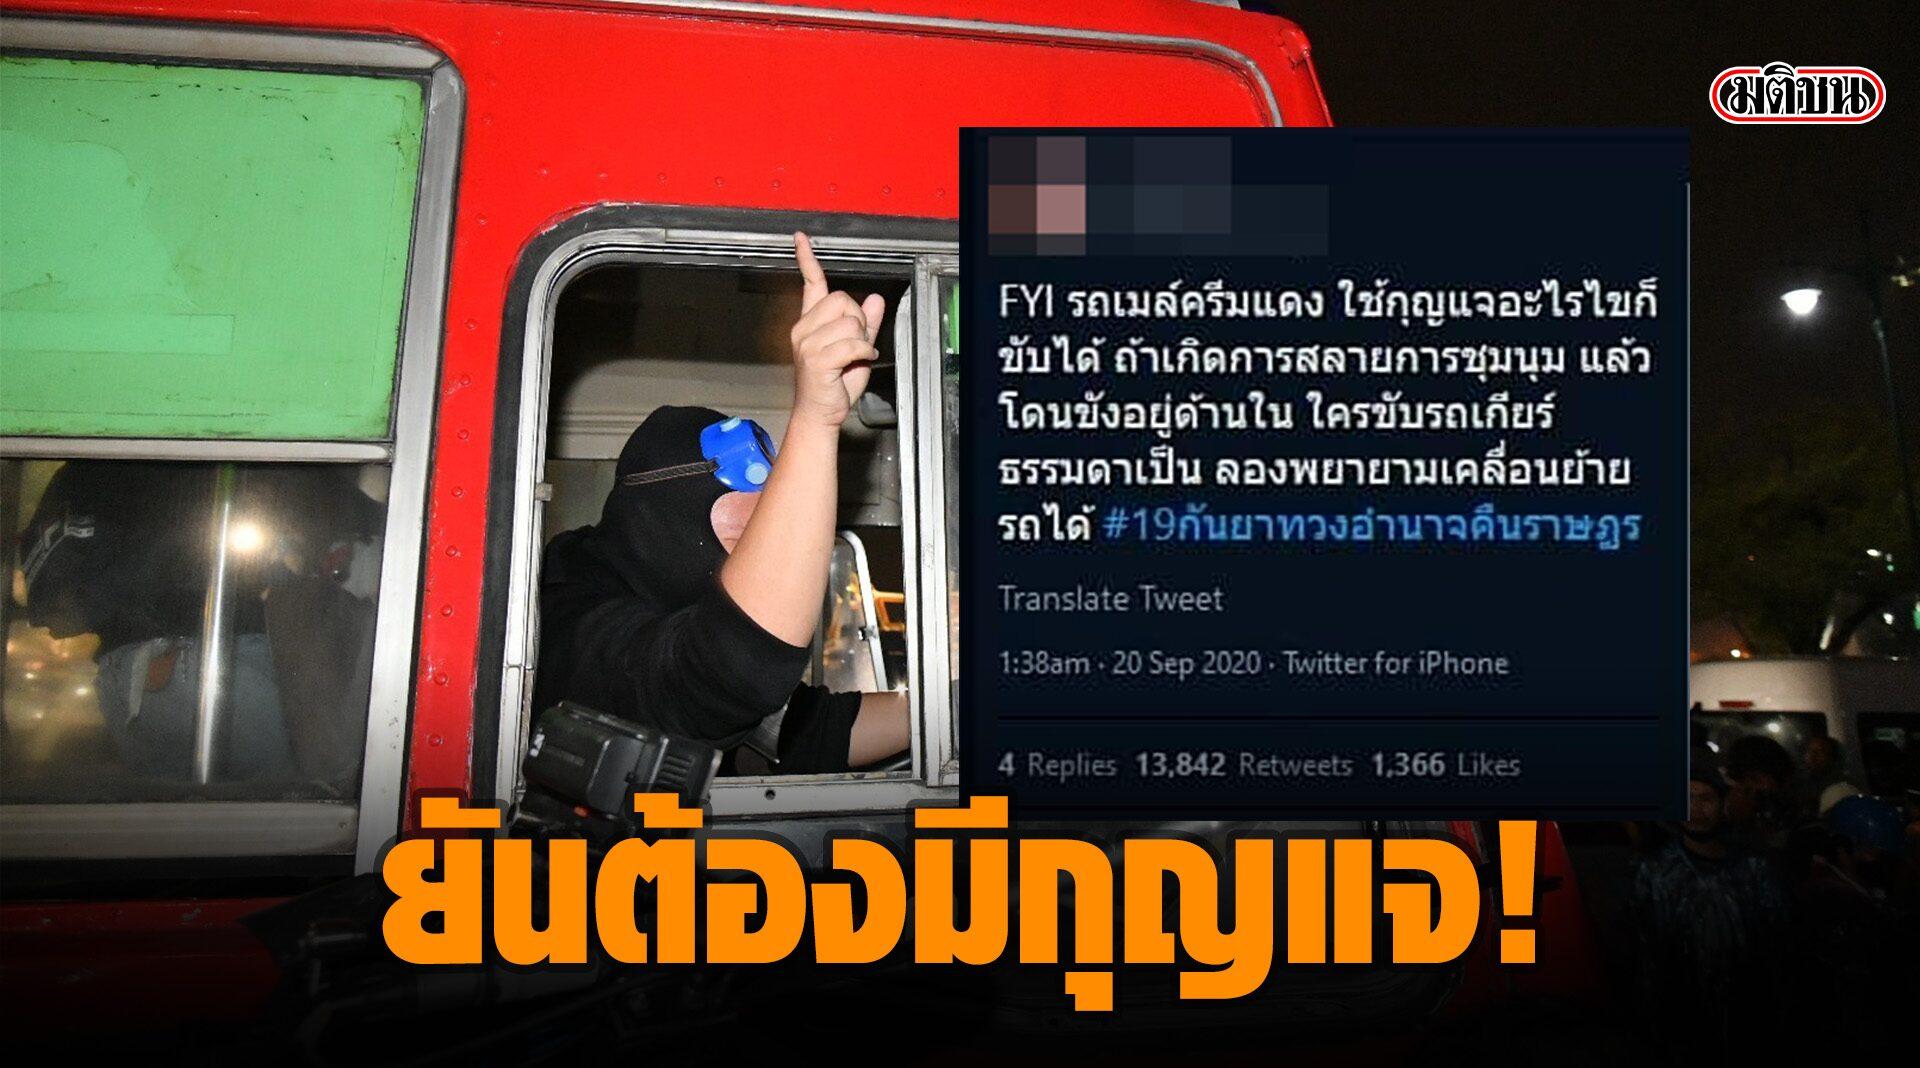 สร.ขสมก. ยันไม่จริง! รถเมล์วิ่งได้ต้องมีกุญแจ